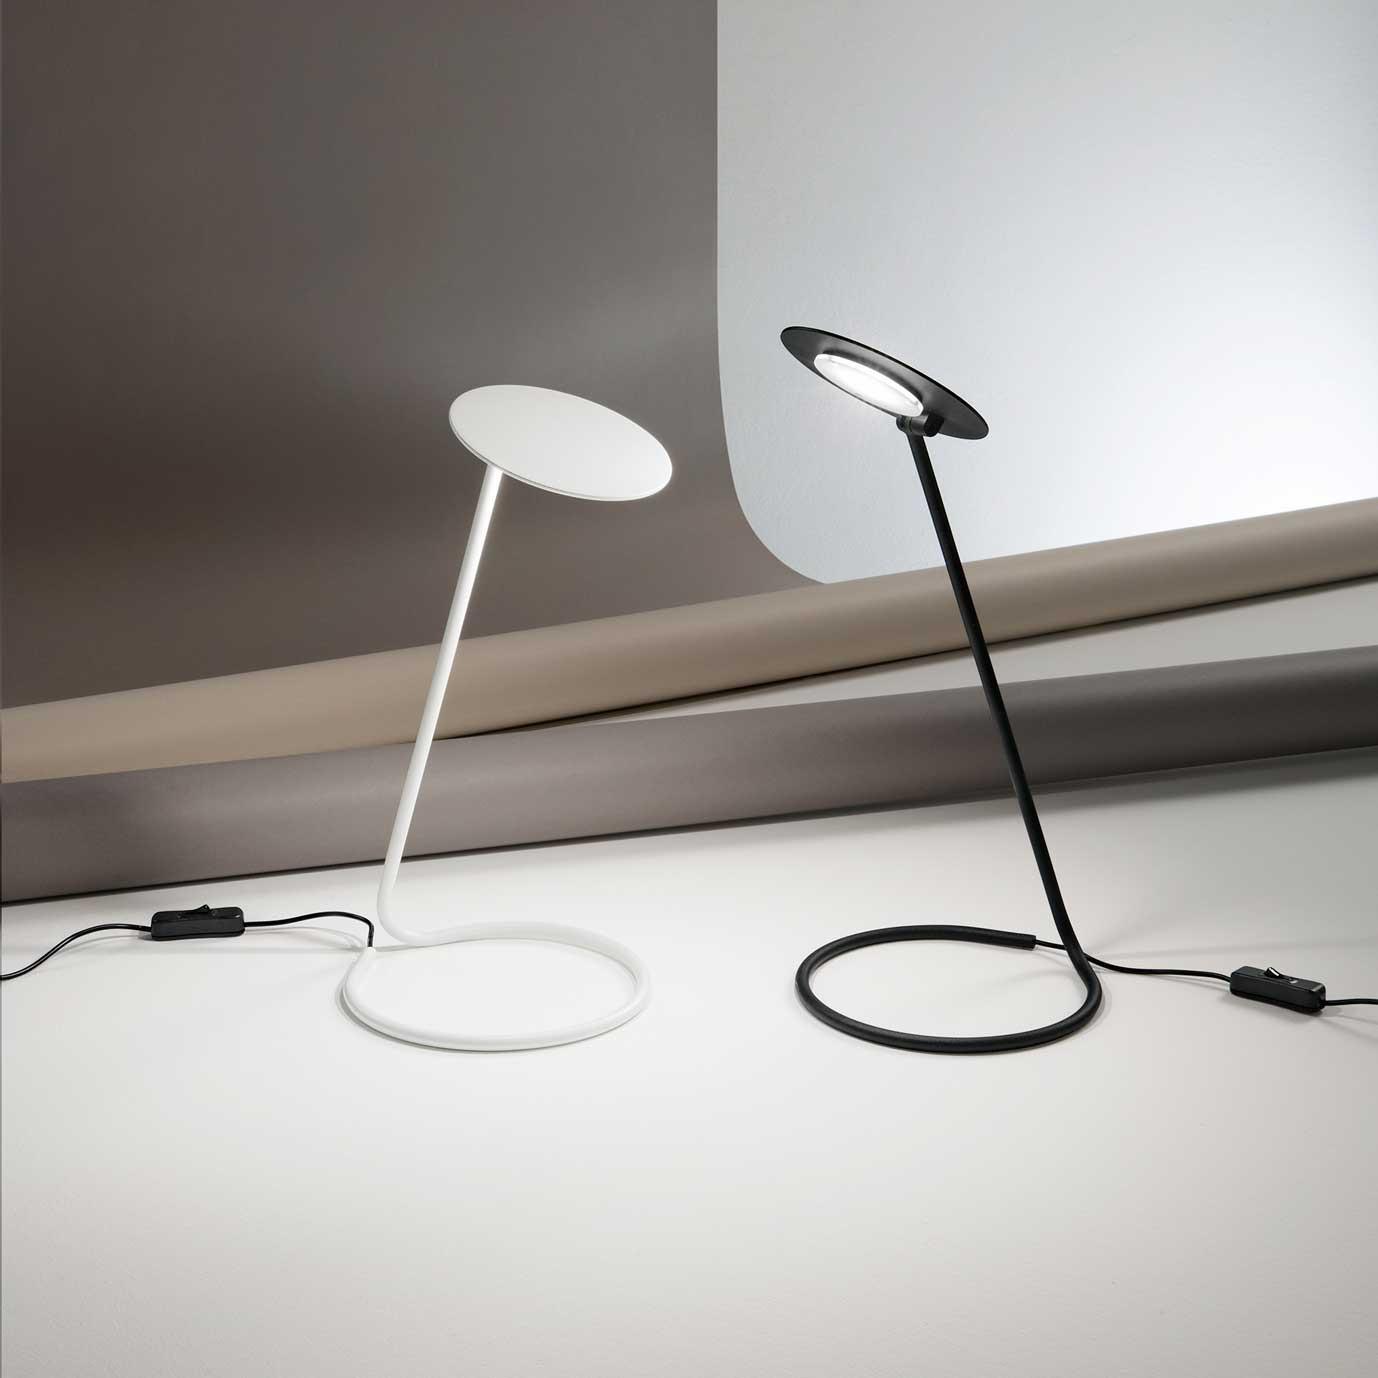 Perenz Lampada Da Tavolo A Led Orientabile Di Design Moderno In Metallo Kobra